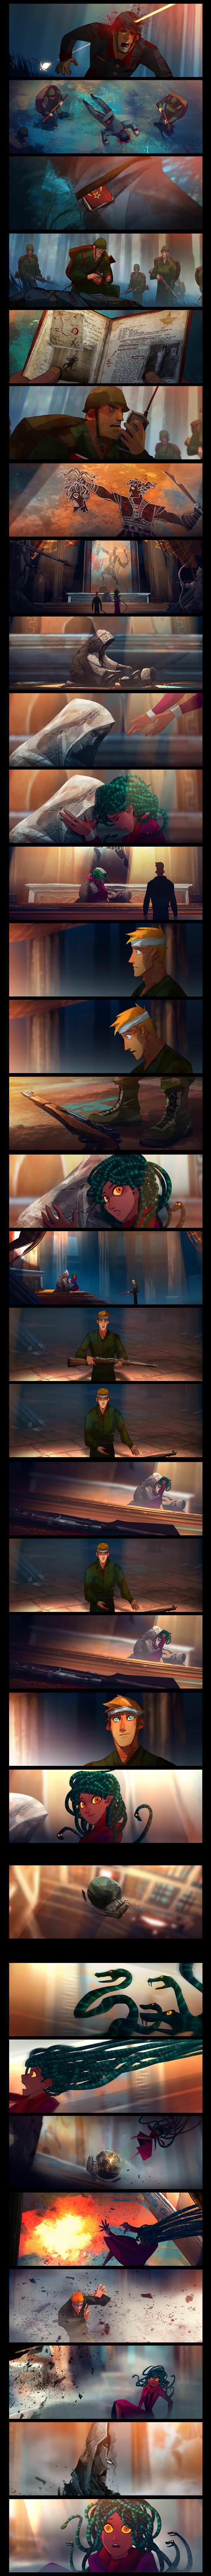 История Медузы